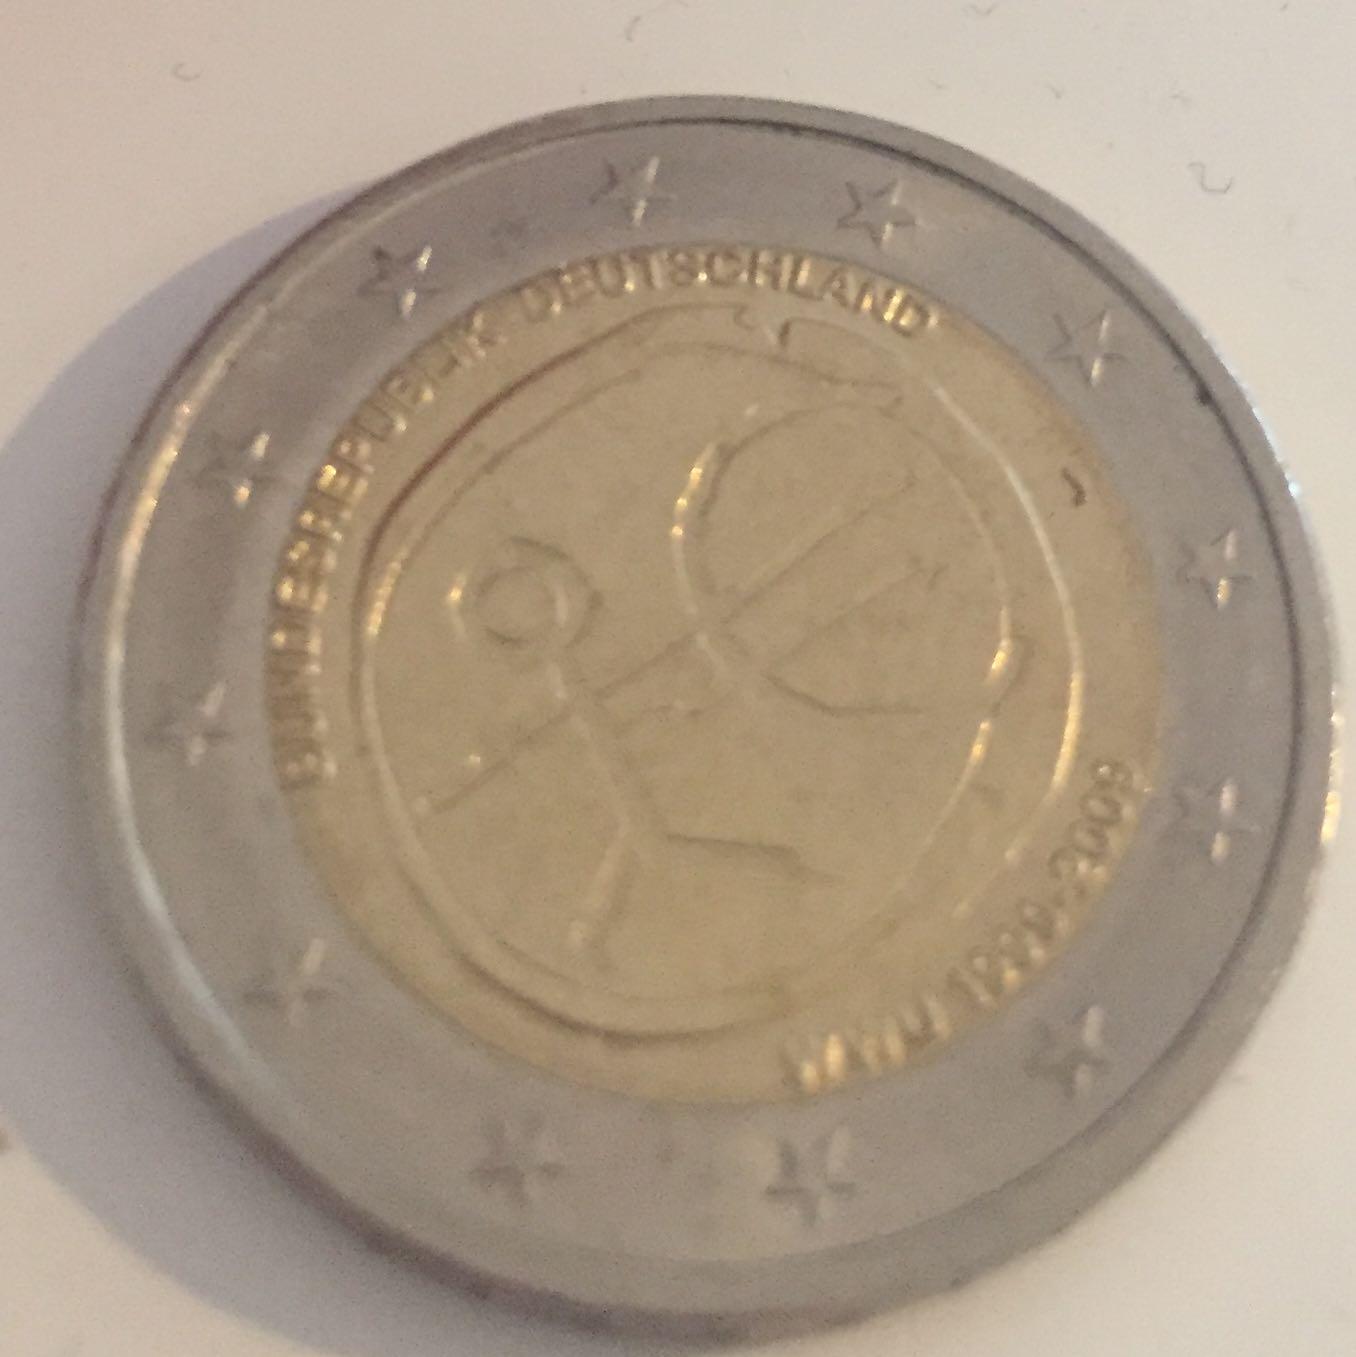 Wert Dieser 2 Münze Geld Europa Euro